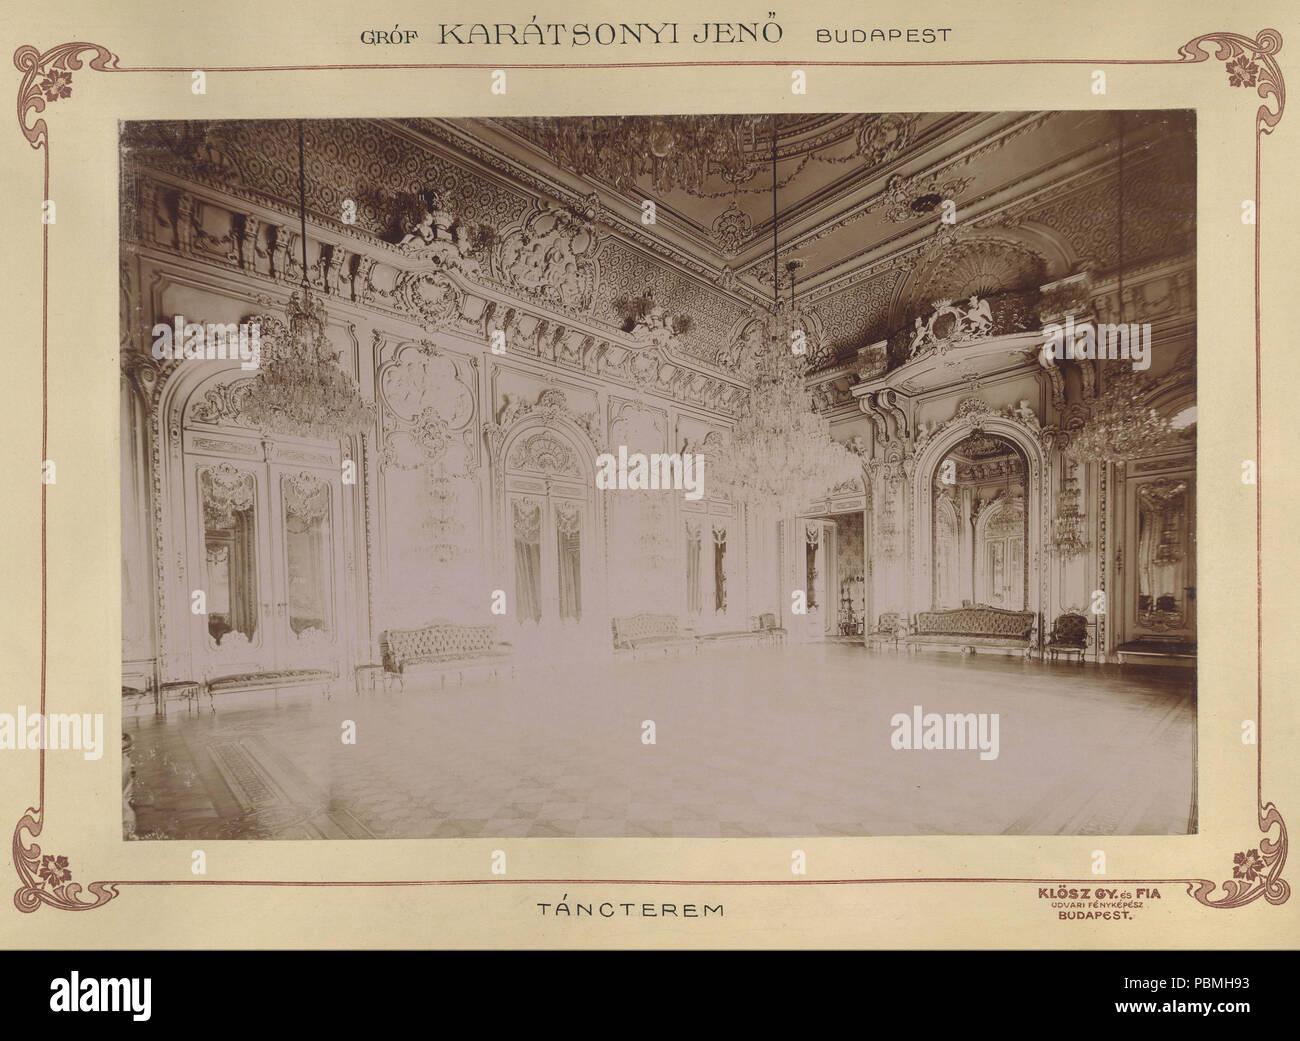 868 Krisztina körút 55., a Karátsonyi-palota (lebontották) táncterme. A felvétel 1895-1899 között készült. A kép Fortepan - Budapest Főváros Levéltára. Levéltári jelzet- HU.BFL.XV.19.d.1.11.076 Fortepan 83168 - Stock Image